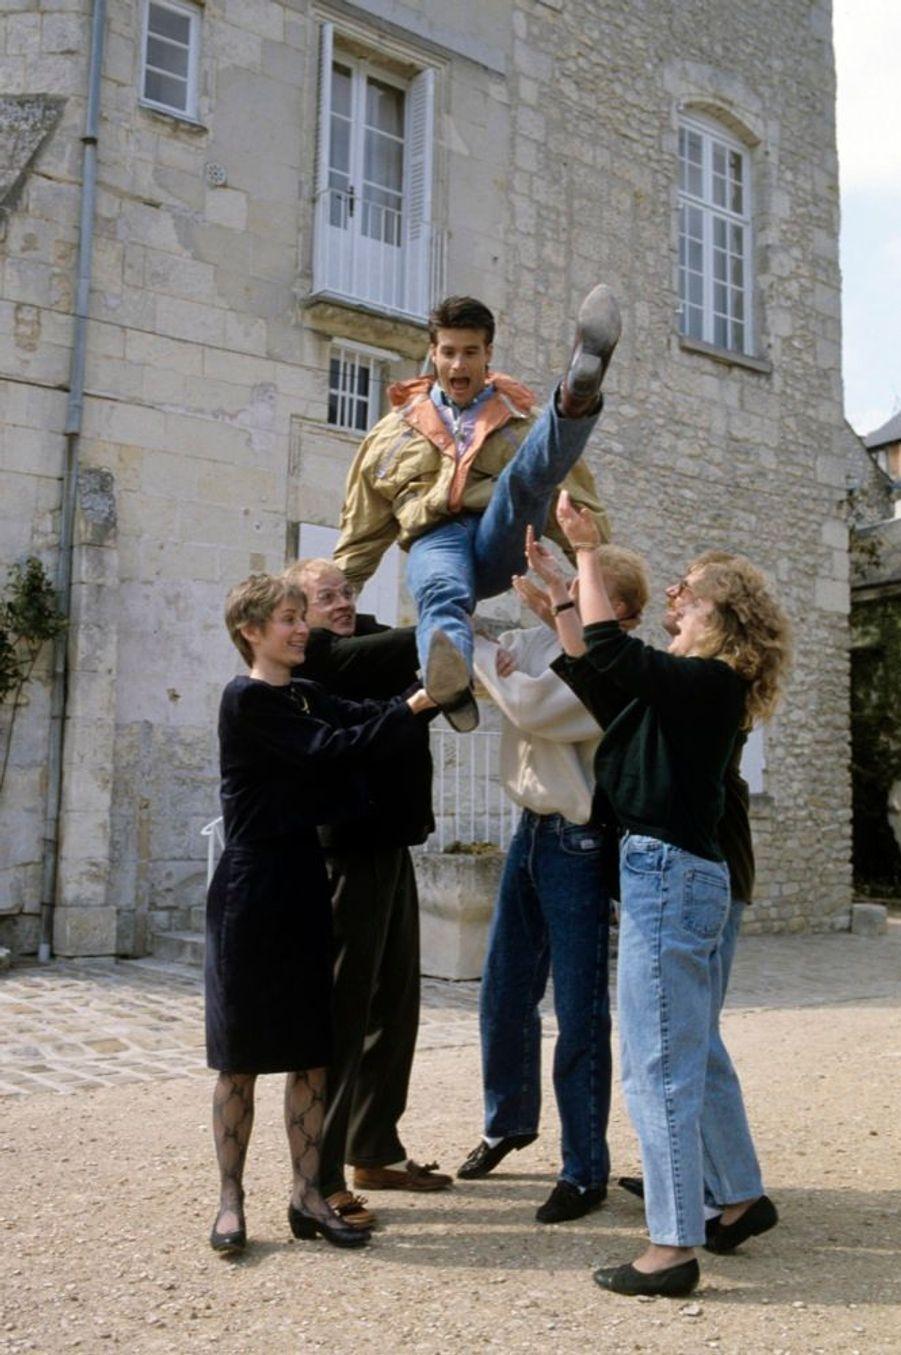 « Après sa séance de musculation quotidienne, il a fait connaissance avec les Voisine du Poitou et trinqué avec les paysans dans un bistrot de Richelieu. » - Paris Match n°2135, 26 avril 1990